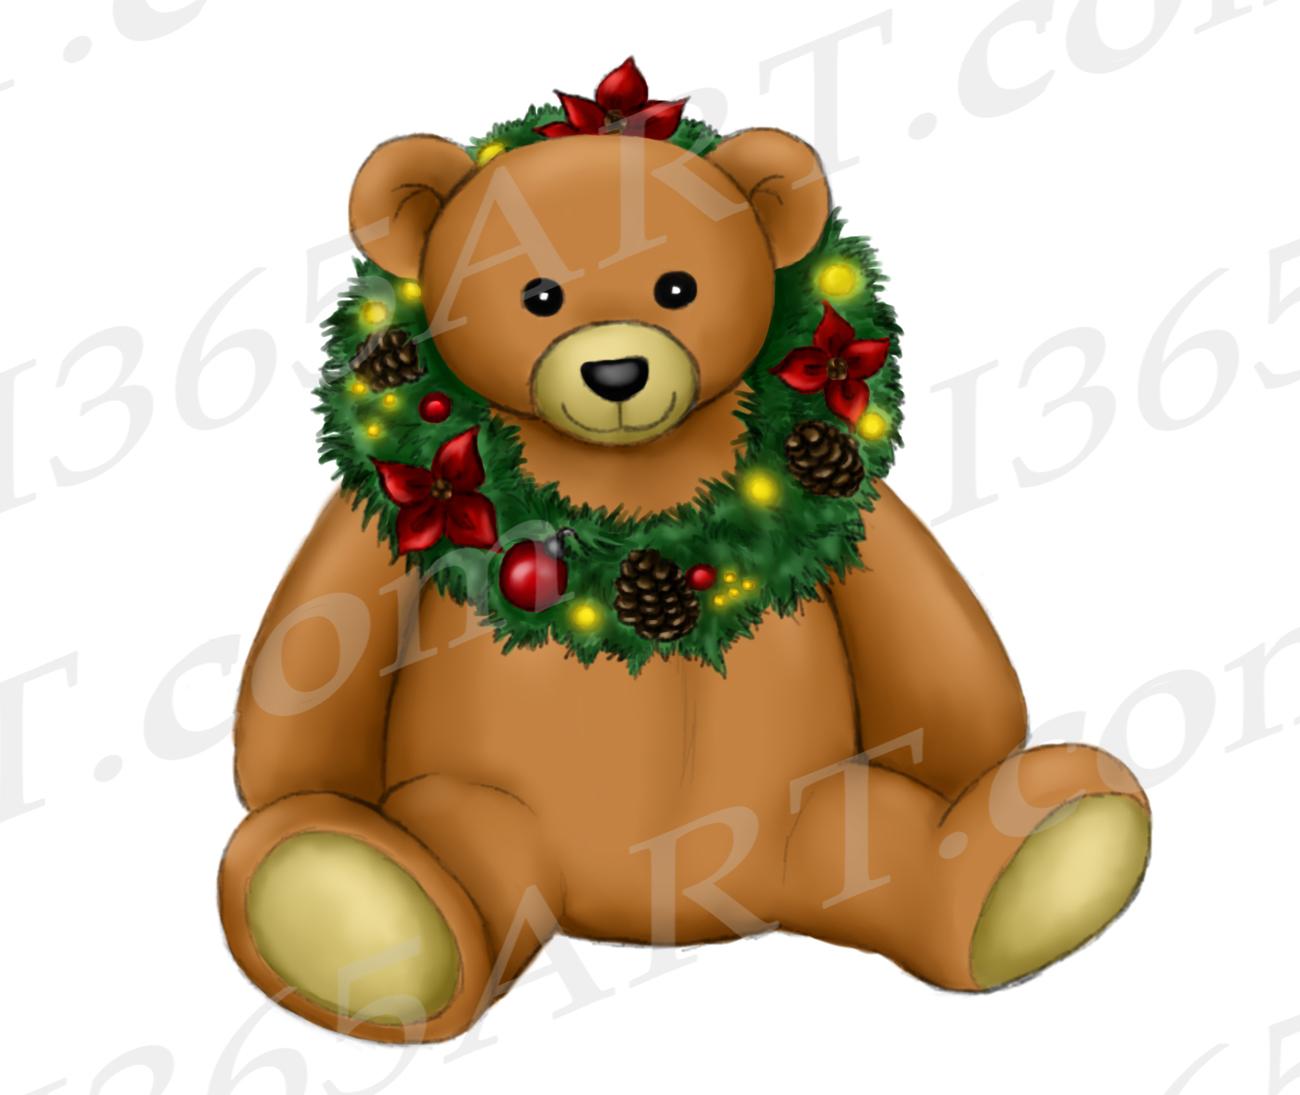 Christmas Teddy Bear Clipart, Watercolor Teddy Bear PNG.